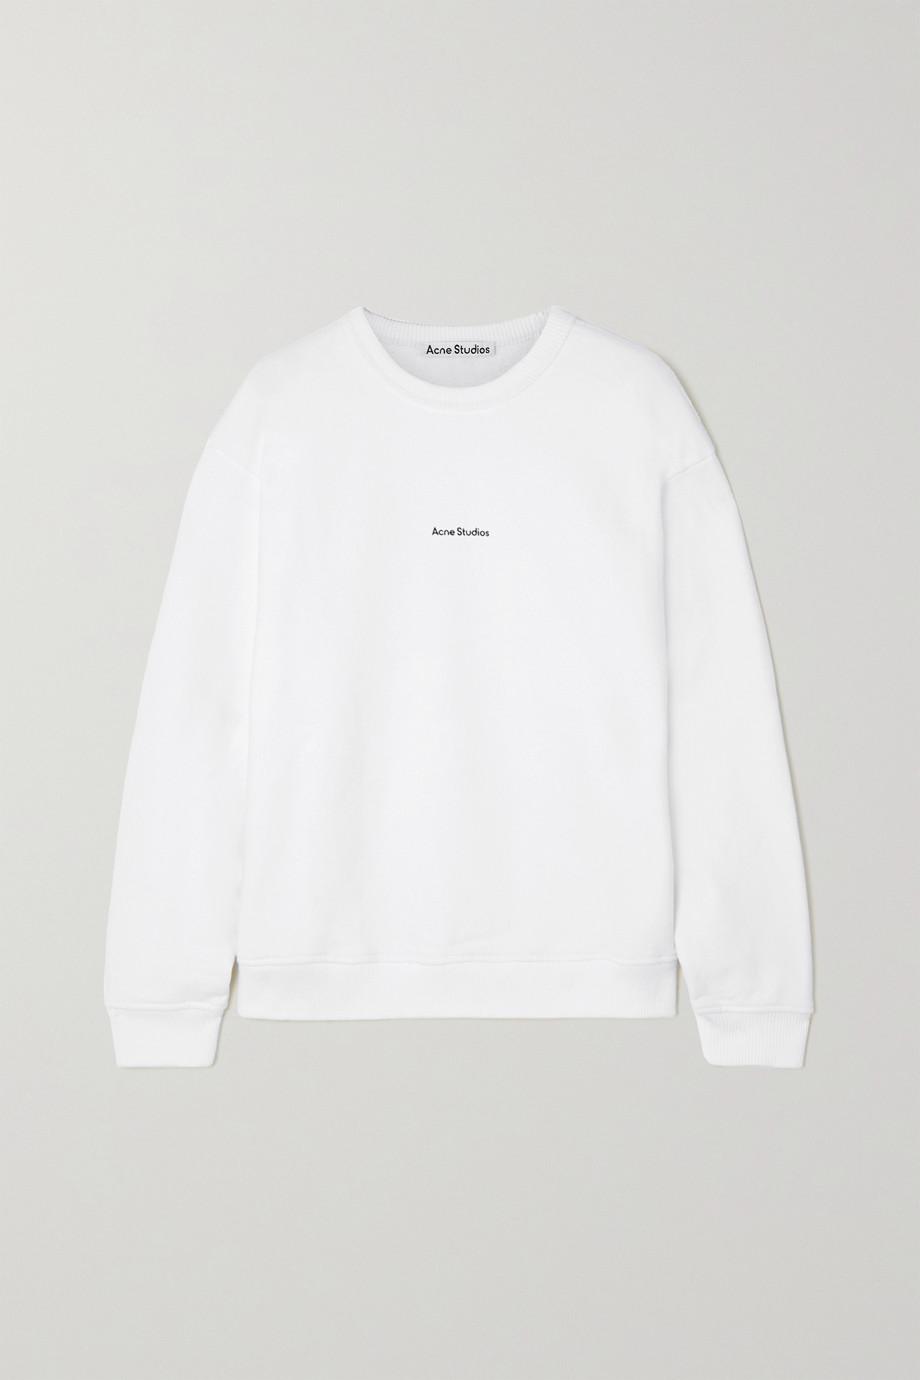 Acne Studios + NET SUSTAIN Sweatshirt aus Biobaumwoll-Jersey mit Print